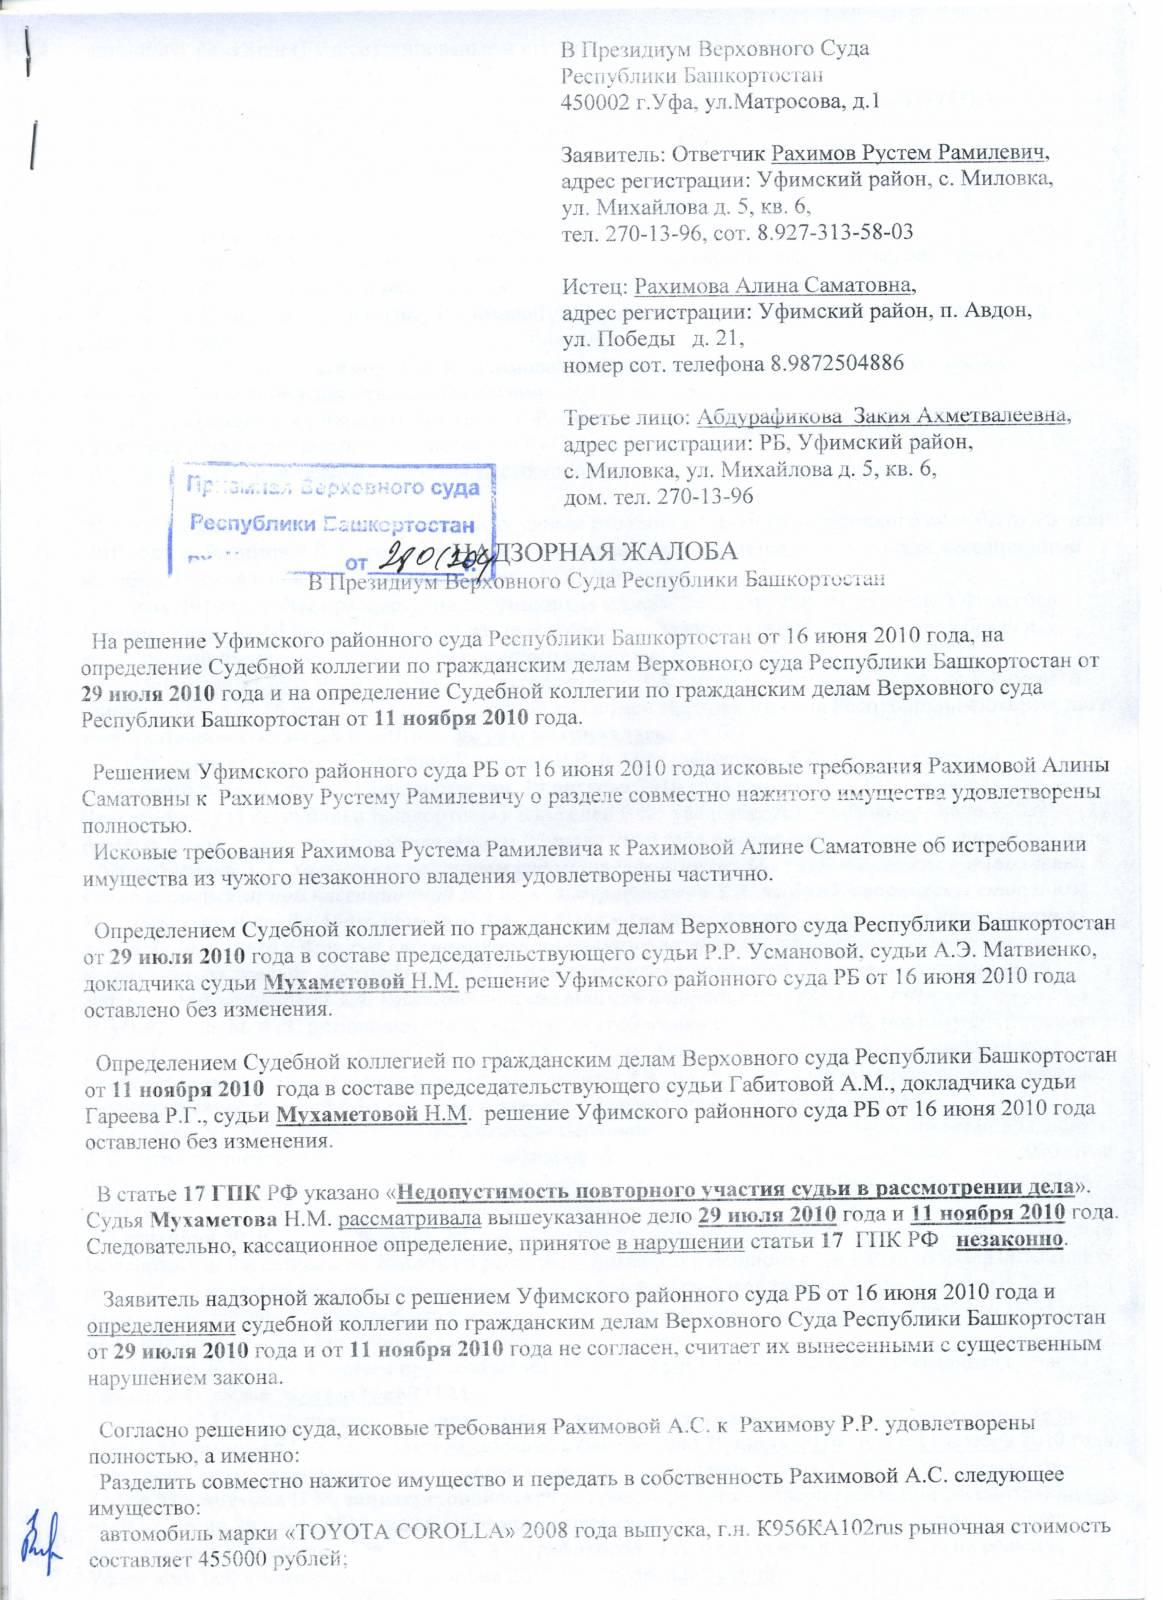 движение дел верховный суд республики башкортостан: